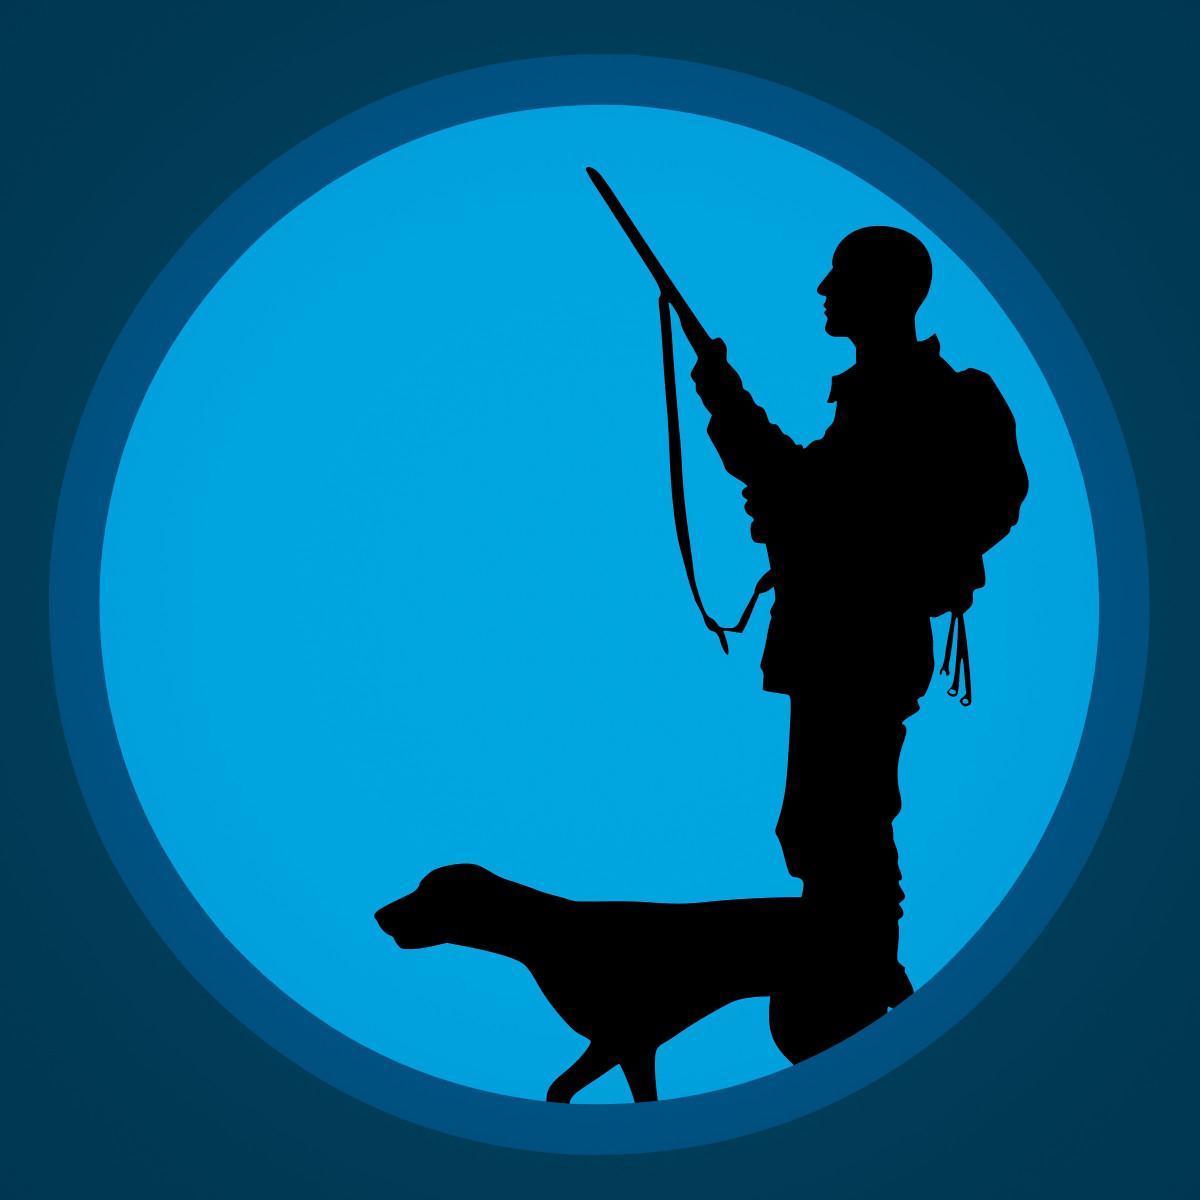 картинки высшего охотника старший сын одина